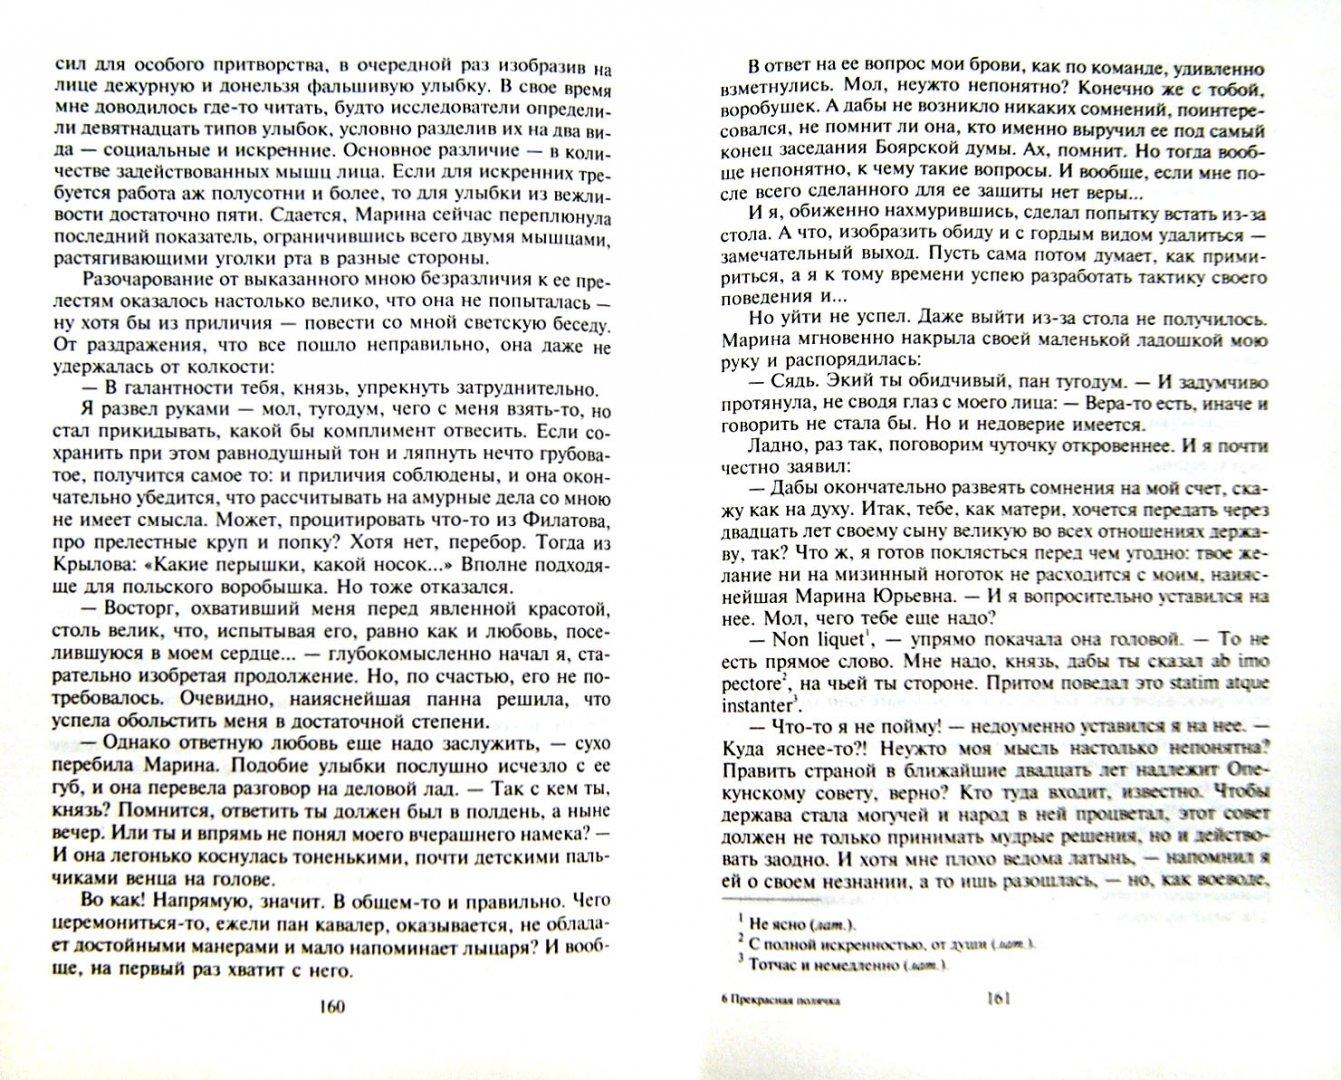 Иллюстрация 1 из 16 для Битвы за корону. Прекрасная полячка - Валерий Елманов | Лабиринт - книги. Источник: Лабиринт